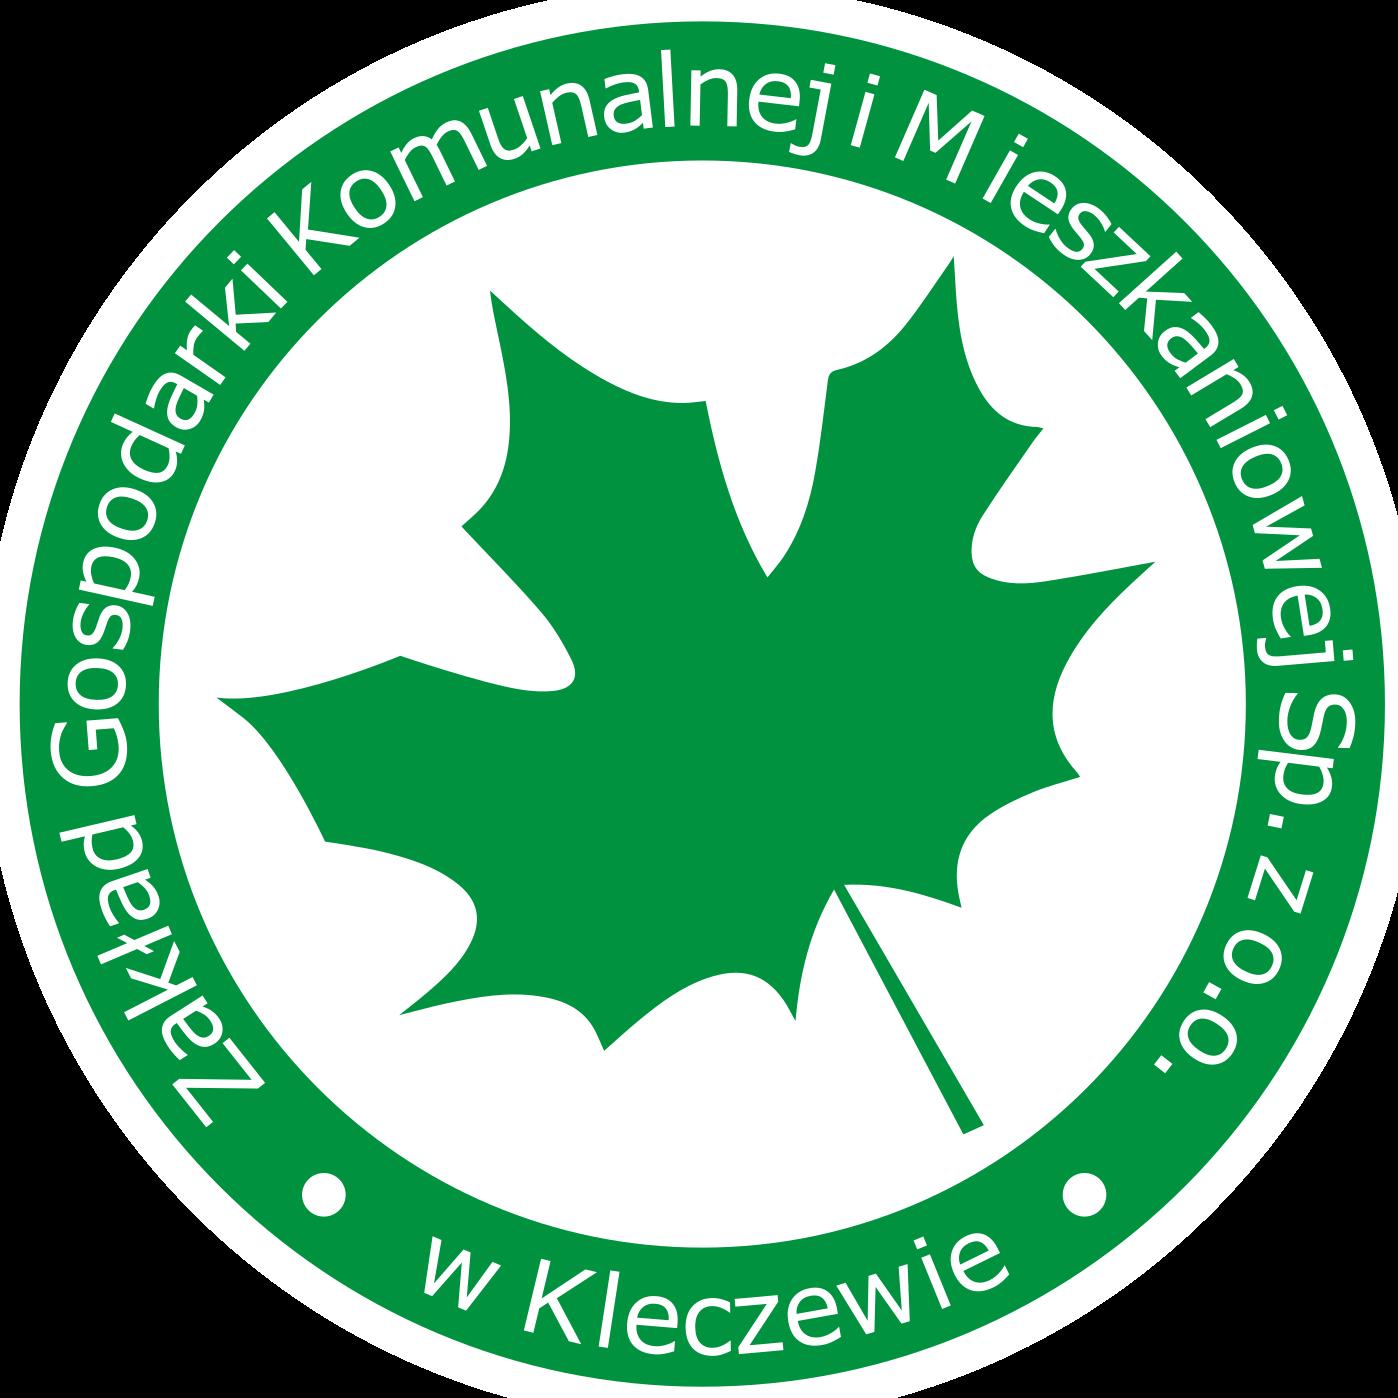 Zakład Gospodarki Komunalnej i Mieszkaniowej Sp. z o. o. w Kleczewie